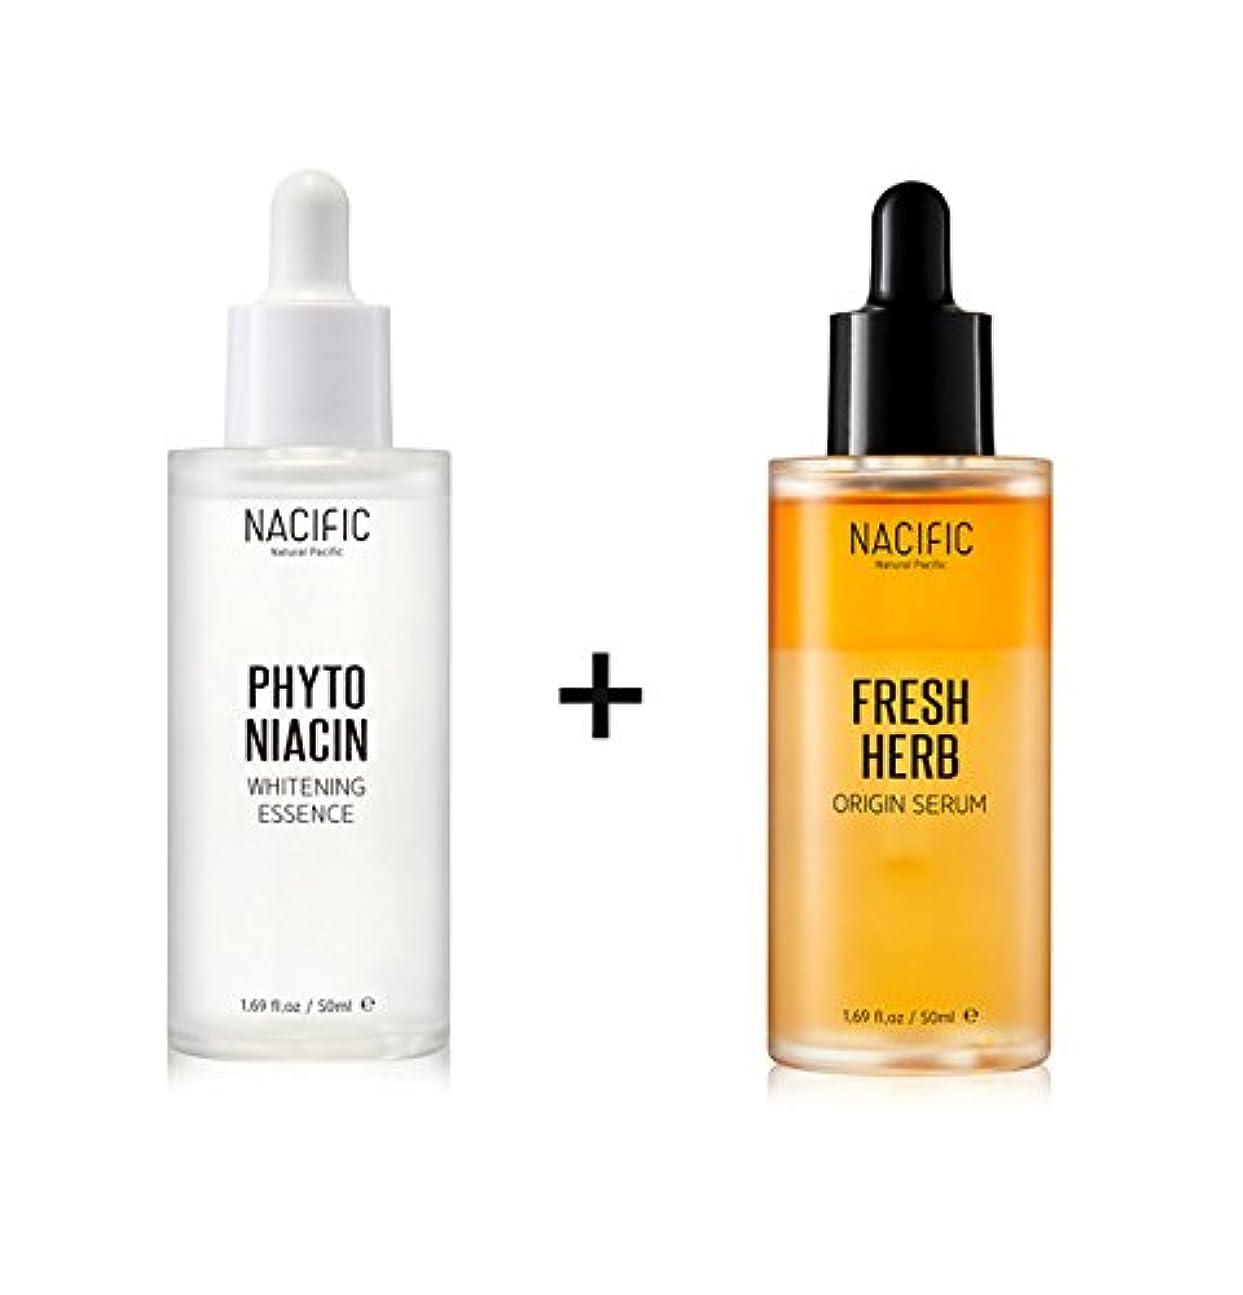 それぞれビュッフェオーナー[Renewal] NACIFIC Fresh Herb Origin Serum 50ml + Phyto Niacin Whitening Essence 50ml/ナシフィック フレッシュ ハーブ オリジン セラム...